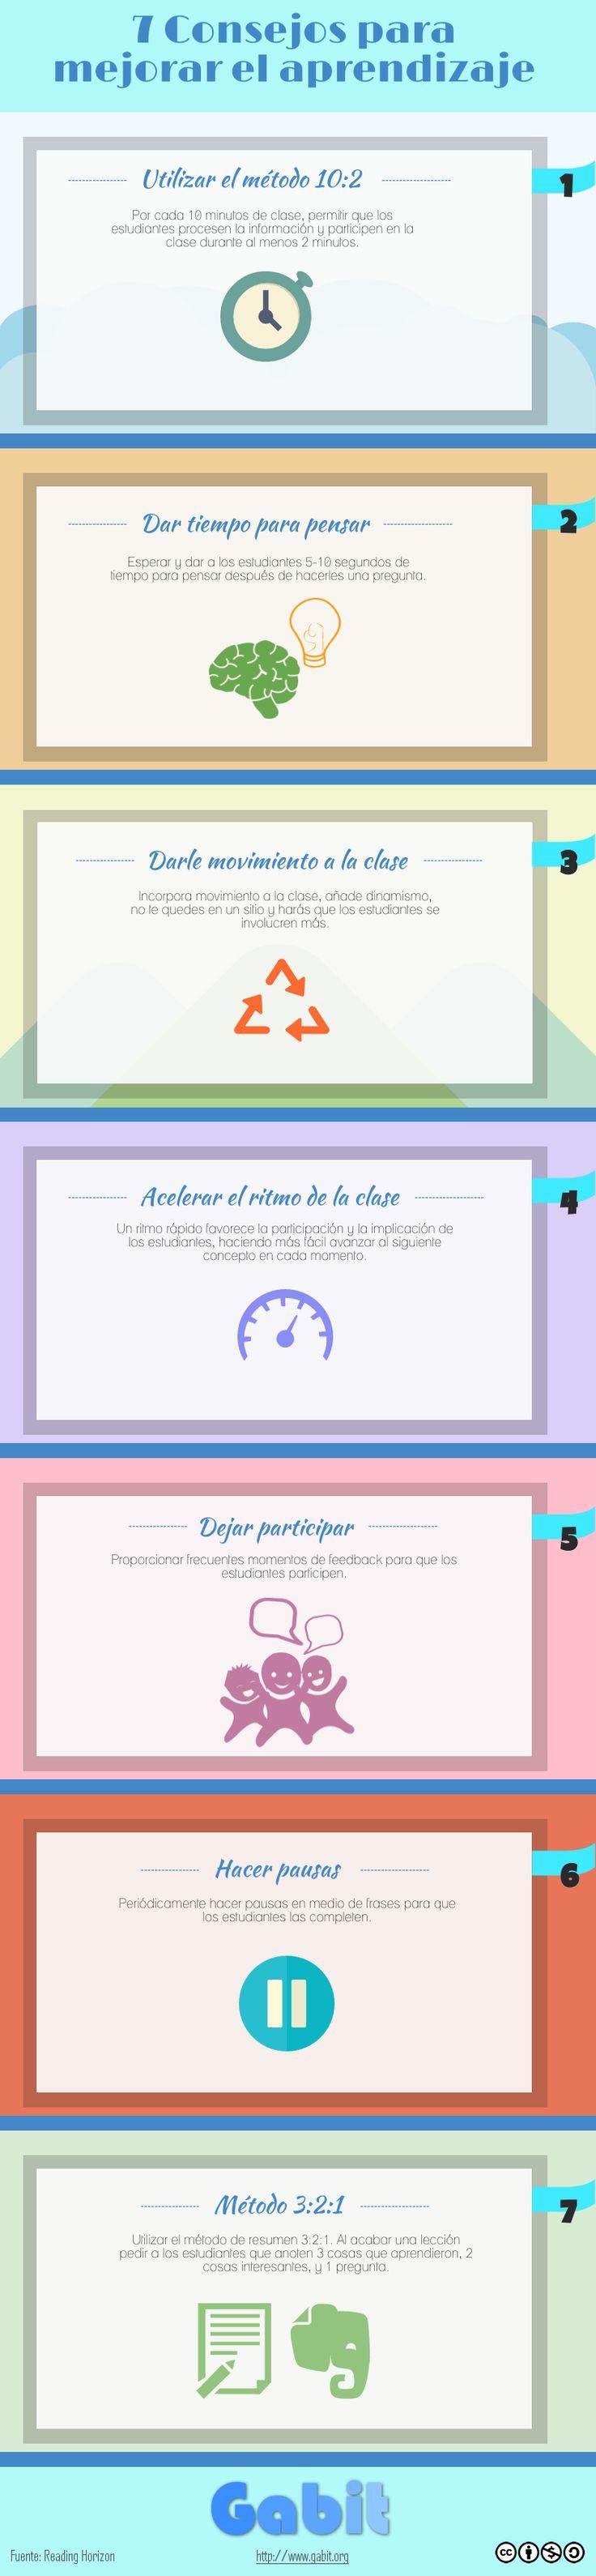 7 consejos para mejorar el aprendizaje